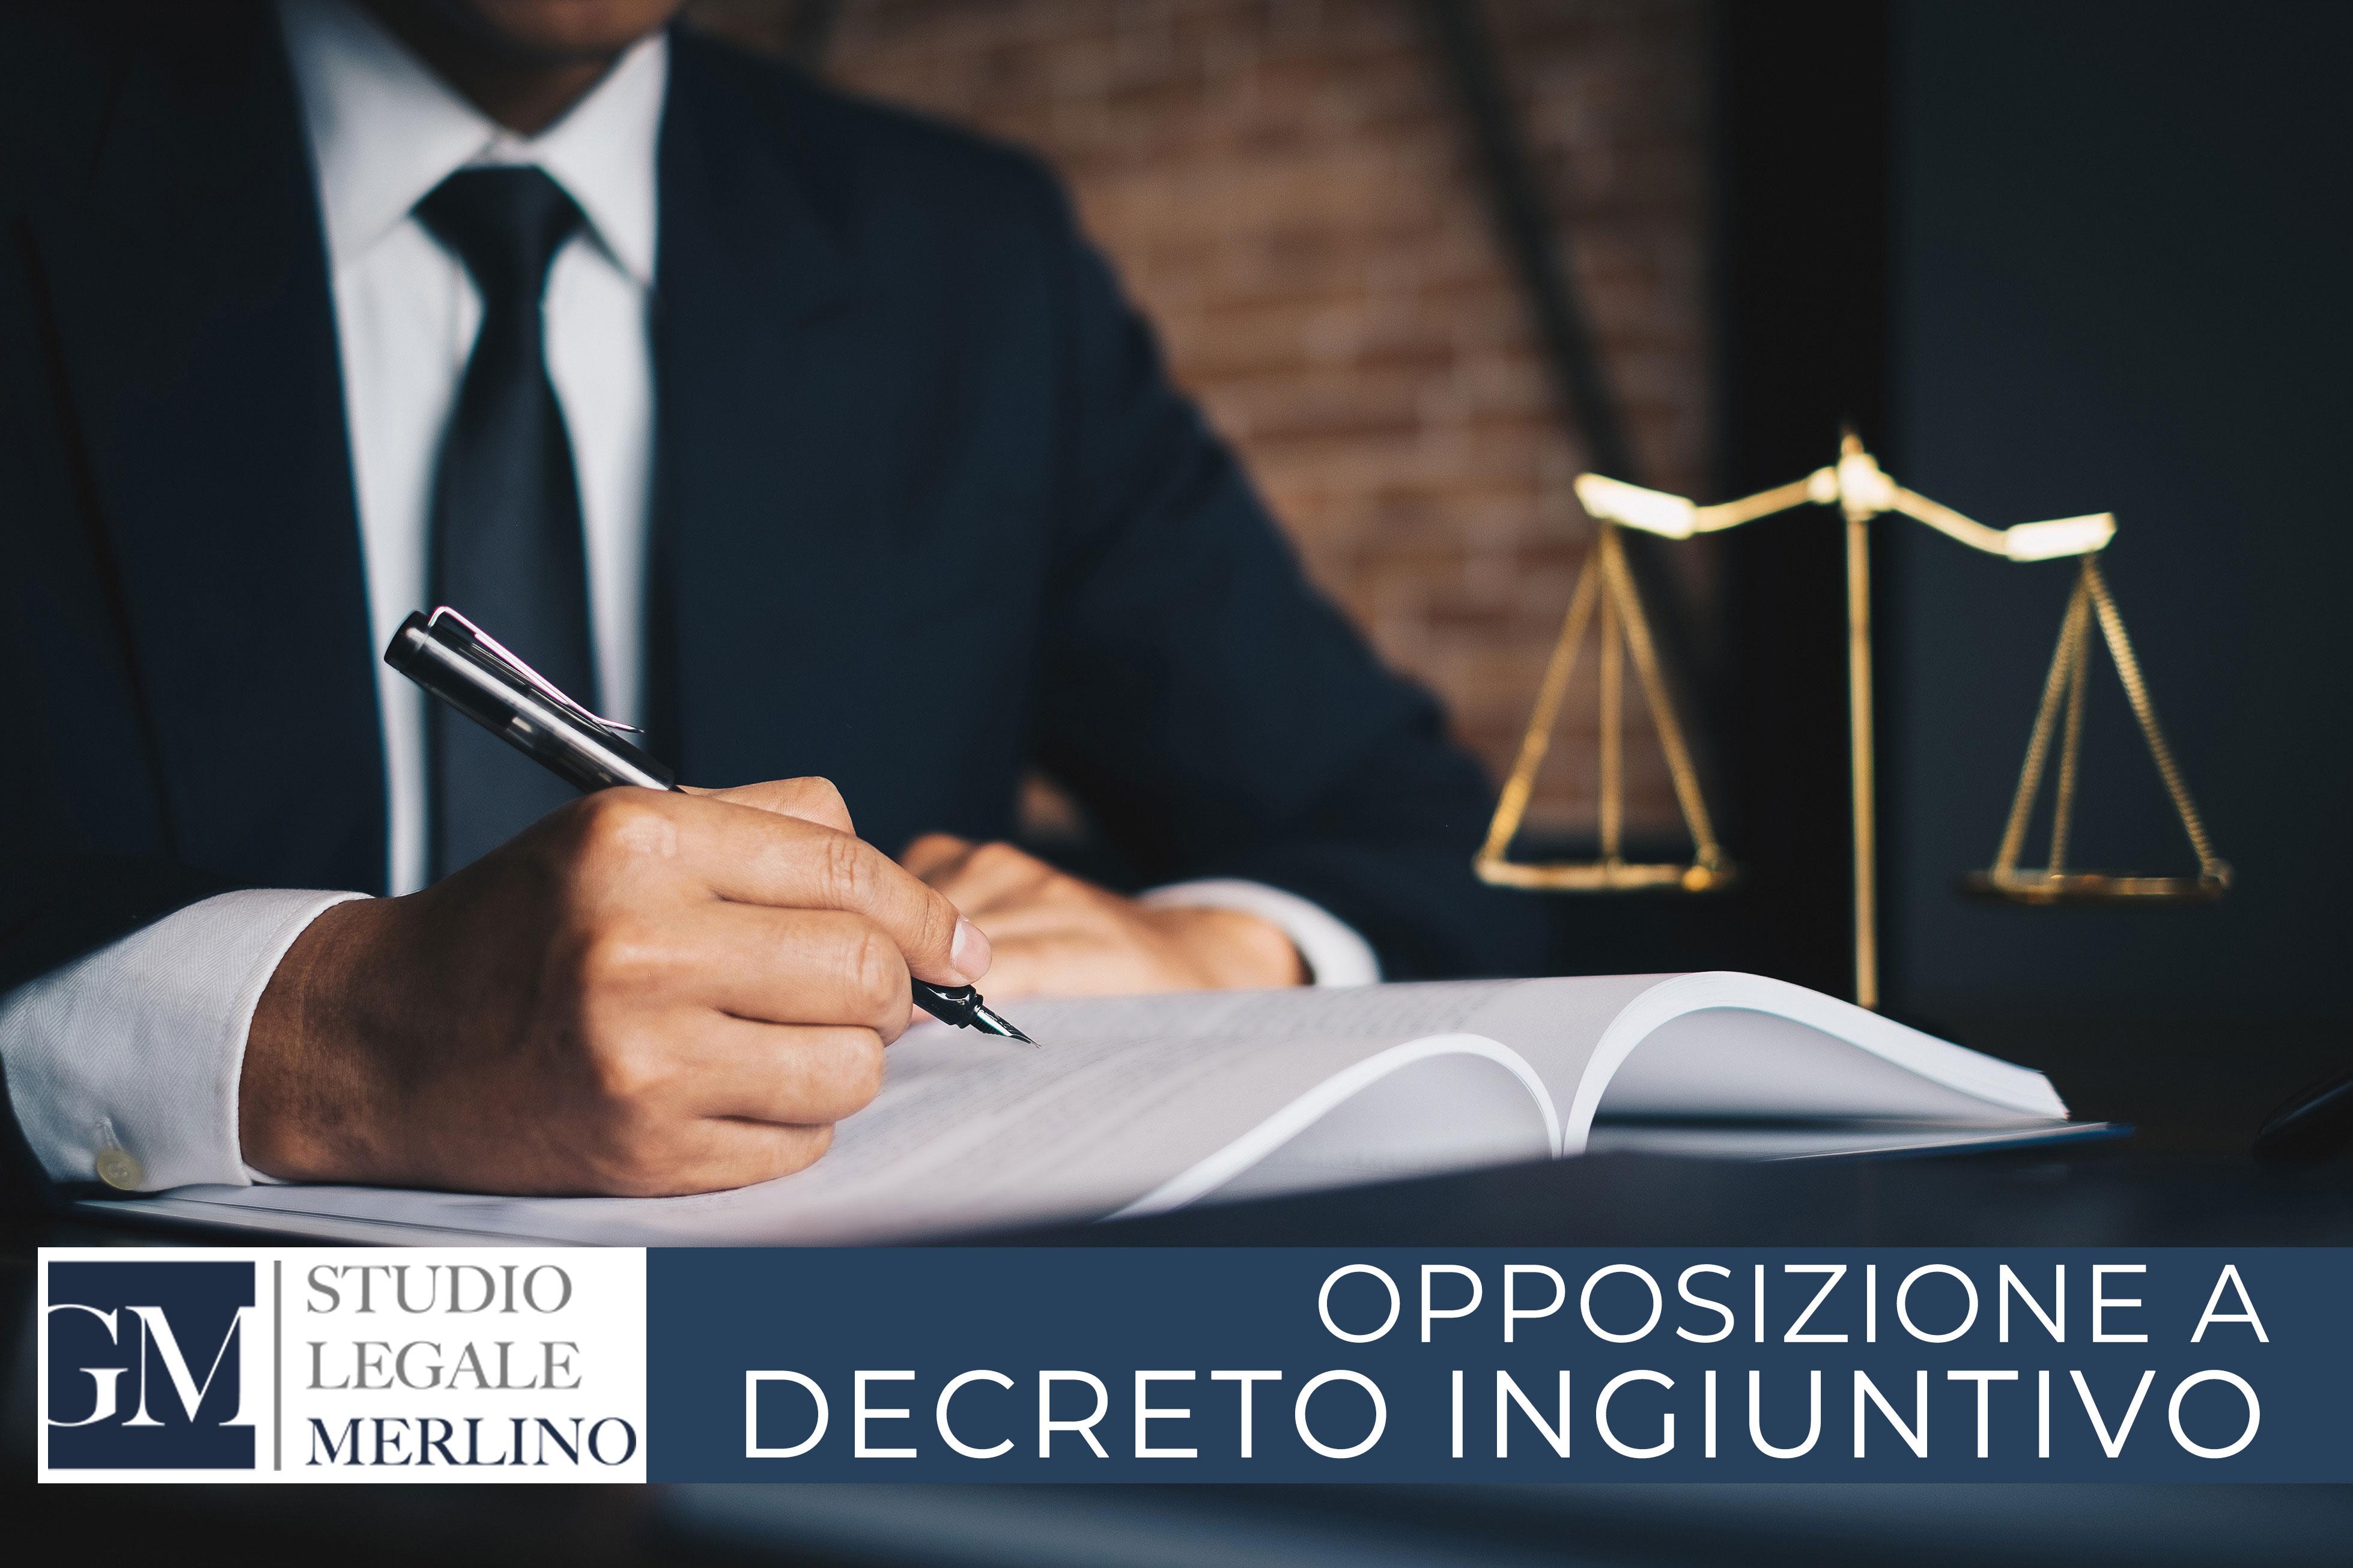 Opposizione a decreto ingiuntivo con fac simile atto di opposizione